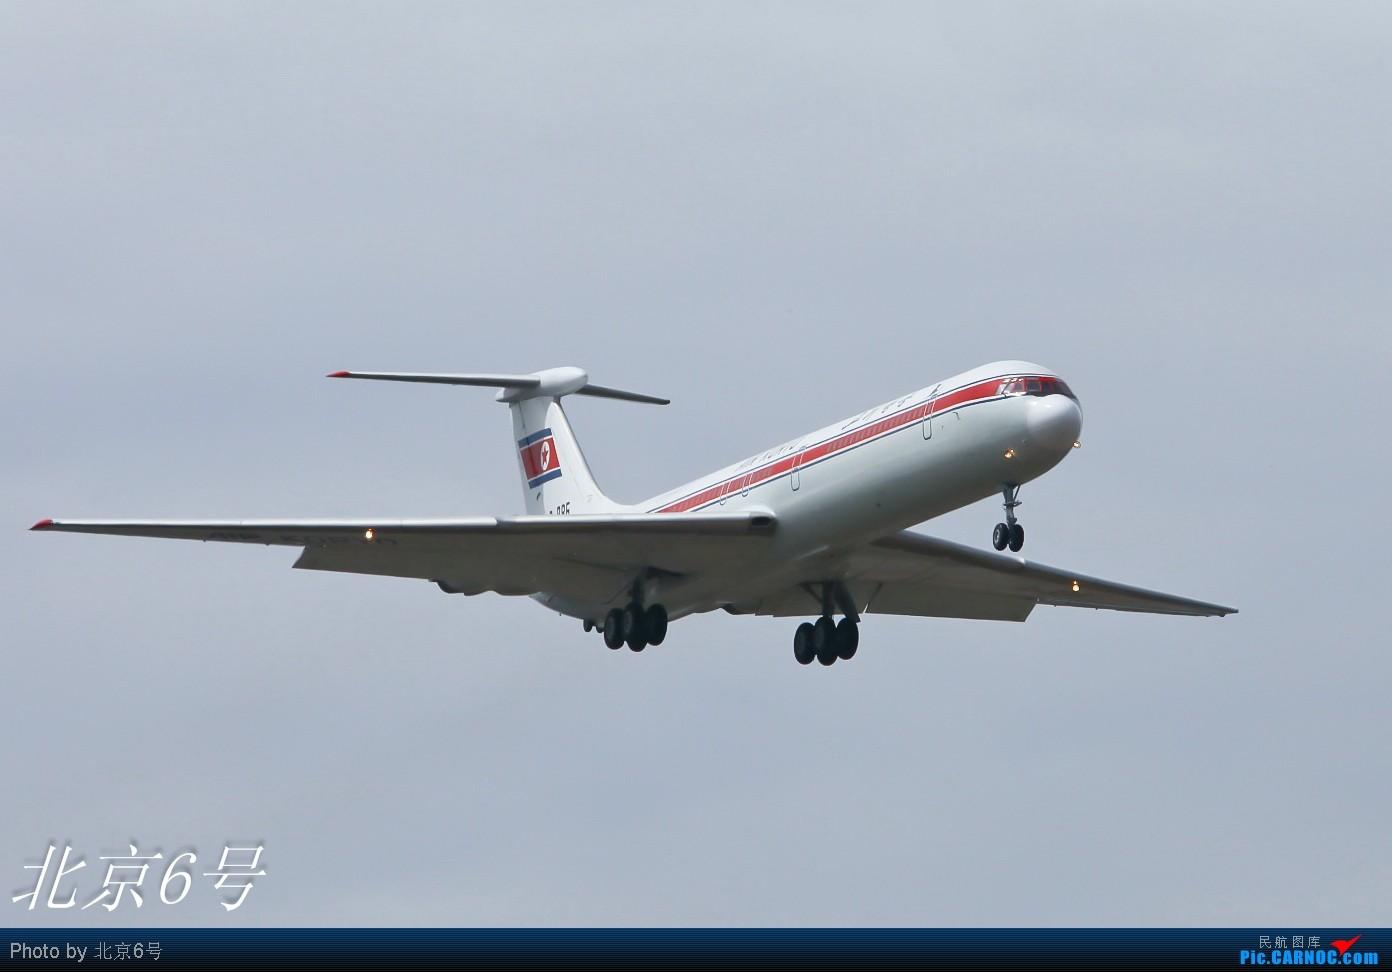 大鸡吧愹il�.���m_il-86m p-885 中国北京首都机场